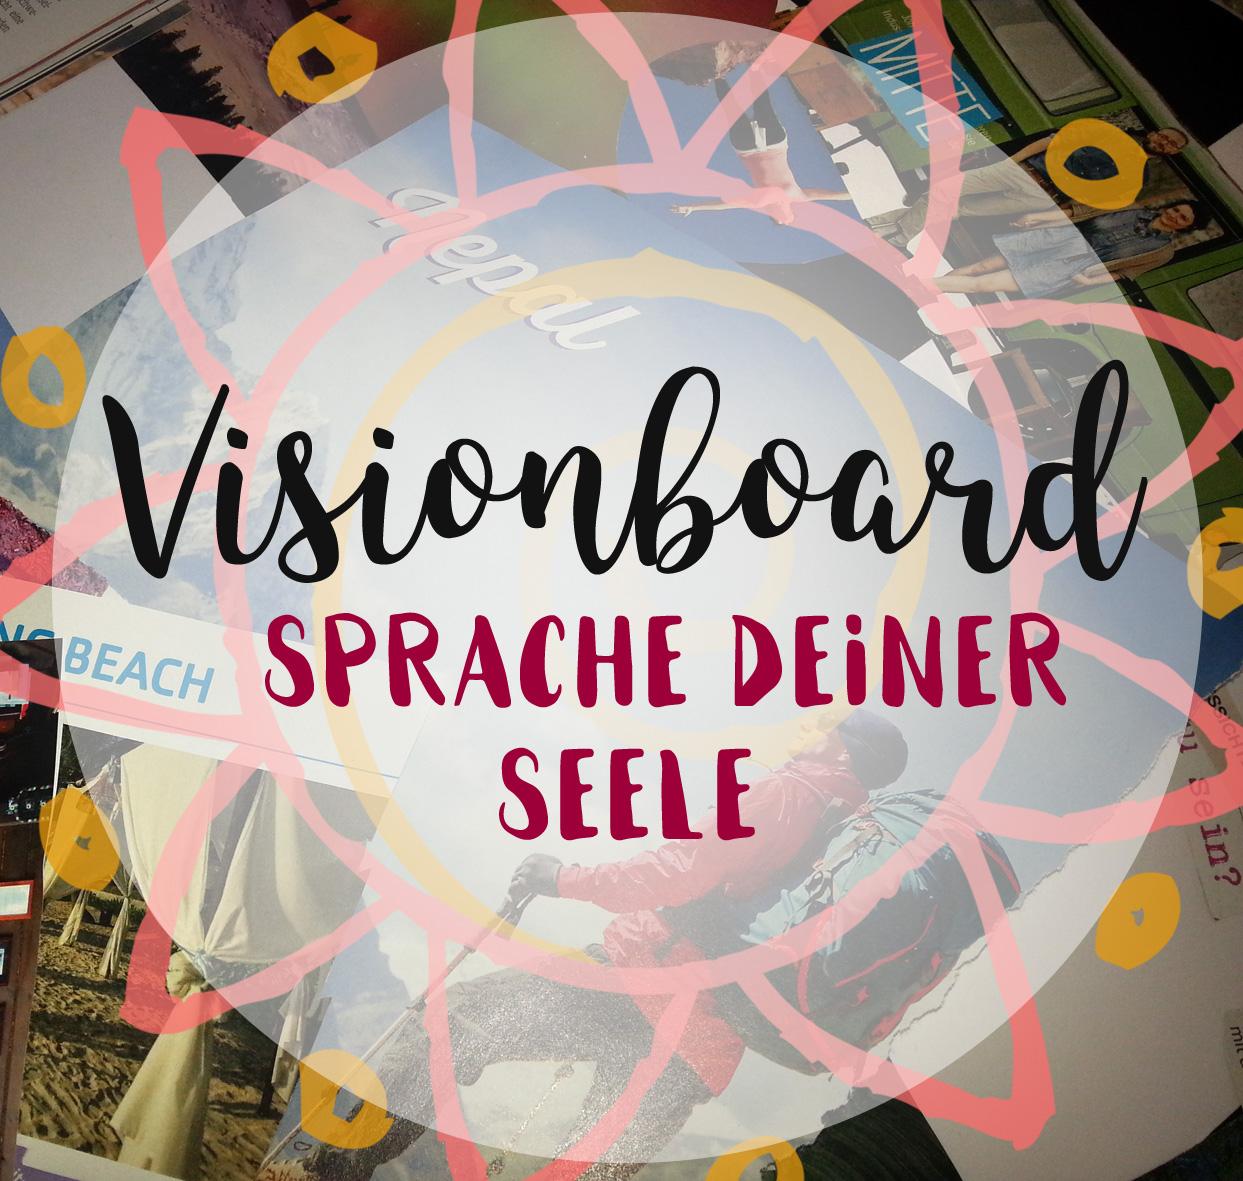 Visionboard - Sprache deiner Seele